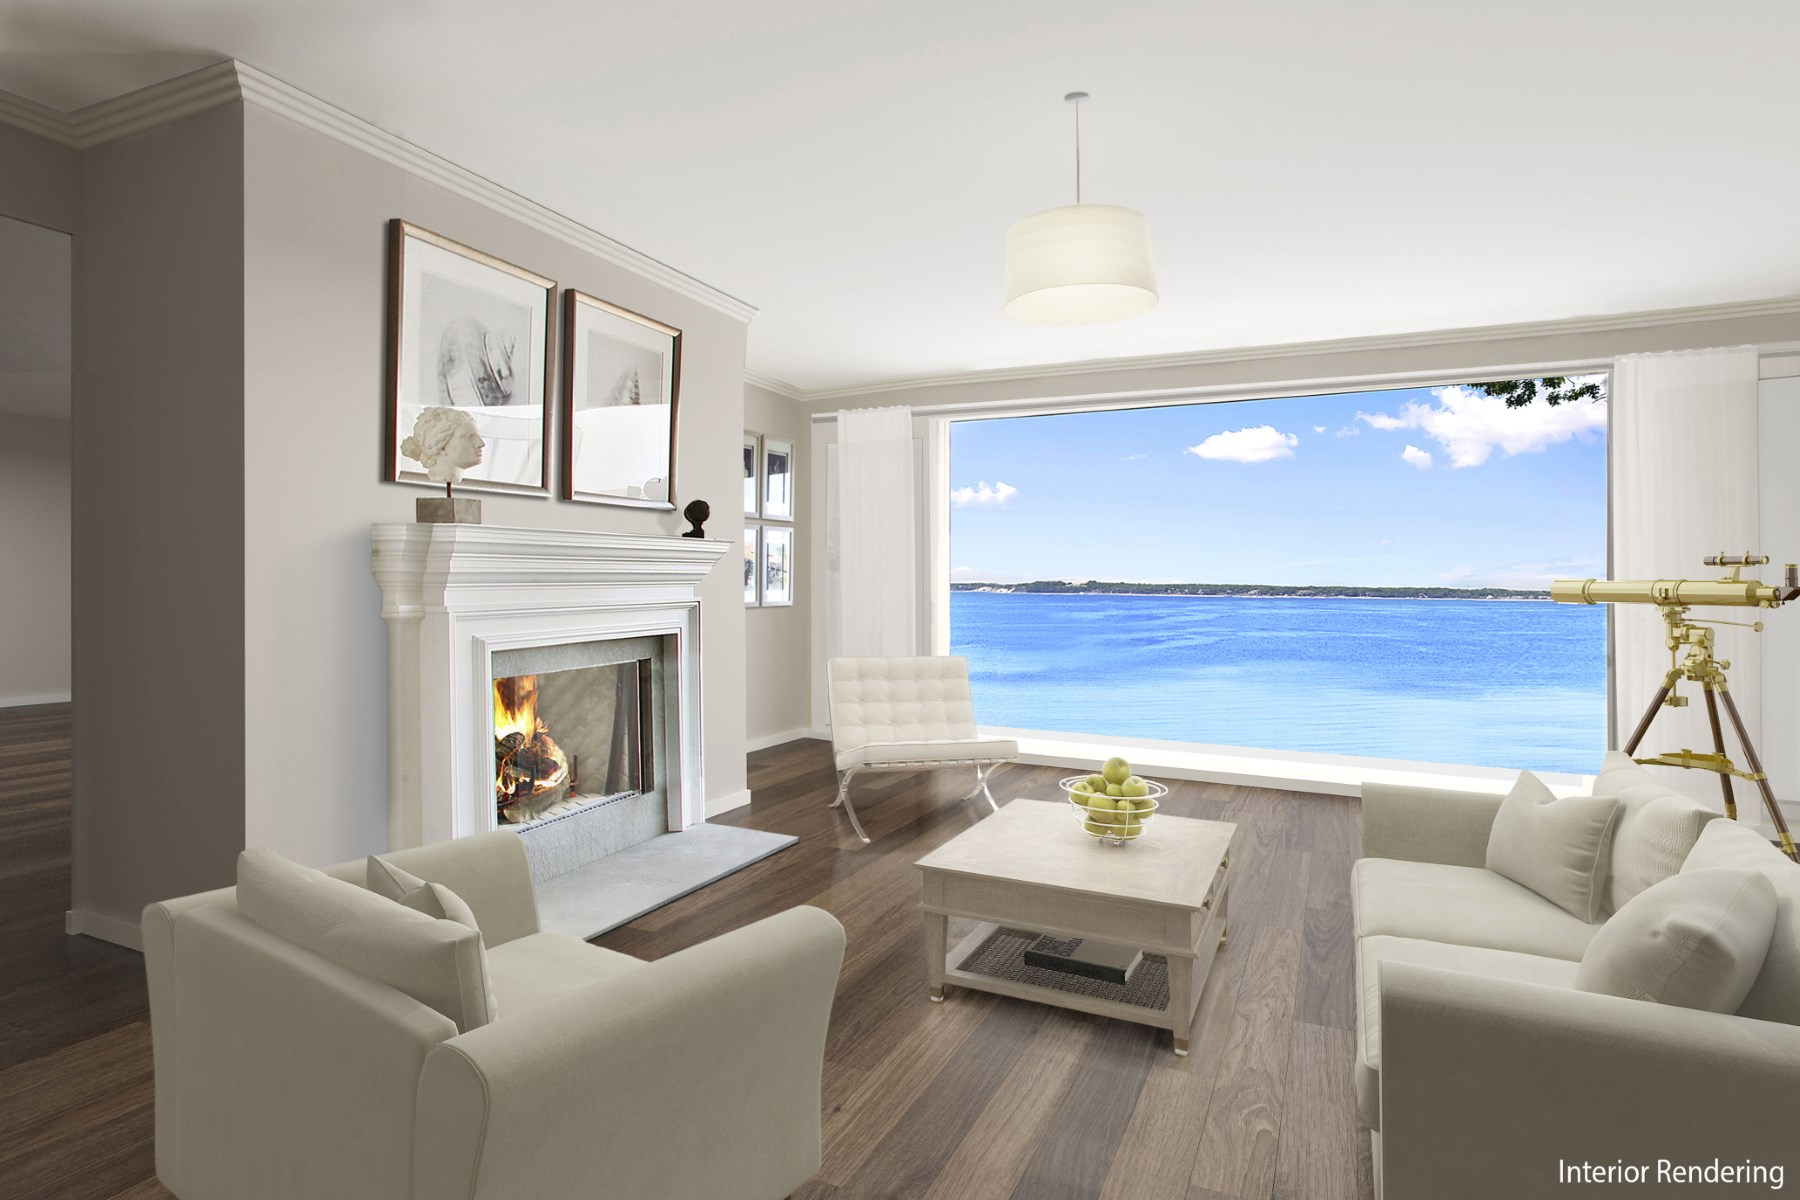 独户住宅 为 销售 在 New Construction on the Water 3605 Noyac Rd 萨格港, 纽约州 11963 美国